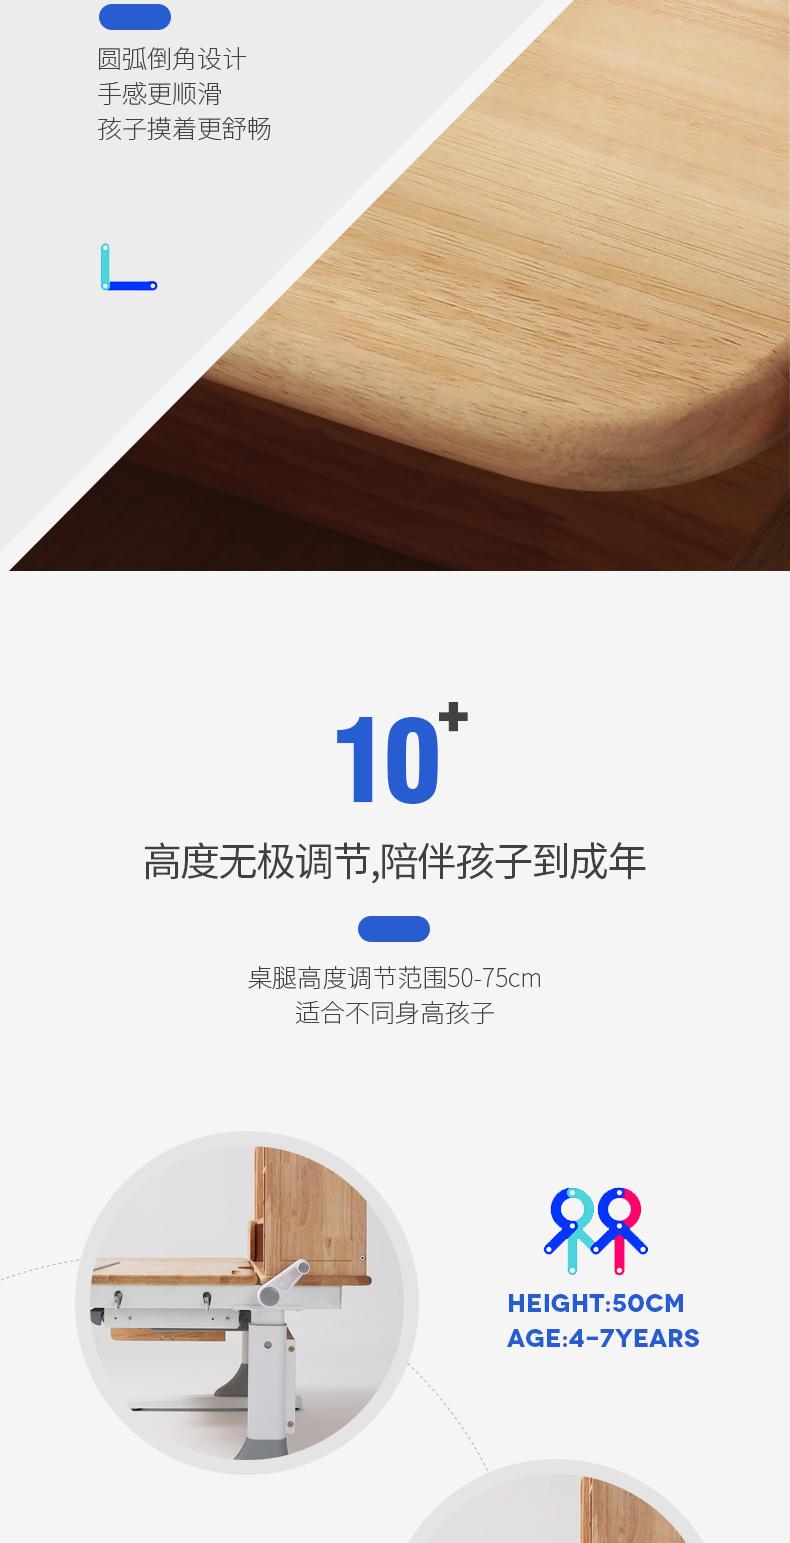 创想儿童实木学习桌椅套装家用学生书桌多功能可升降书桌办公桌详细照片